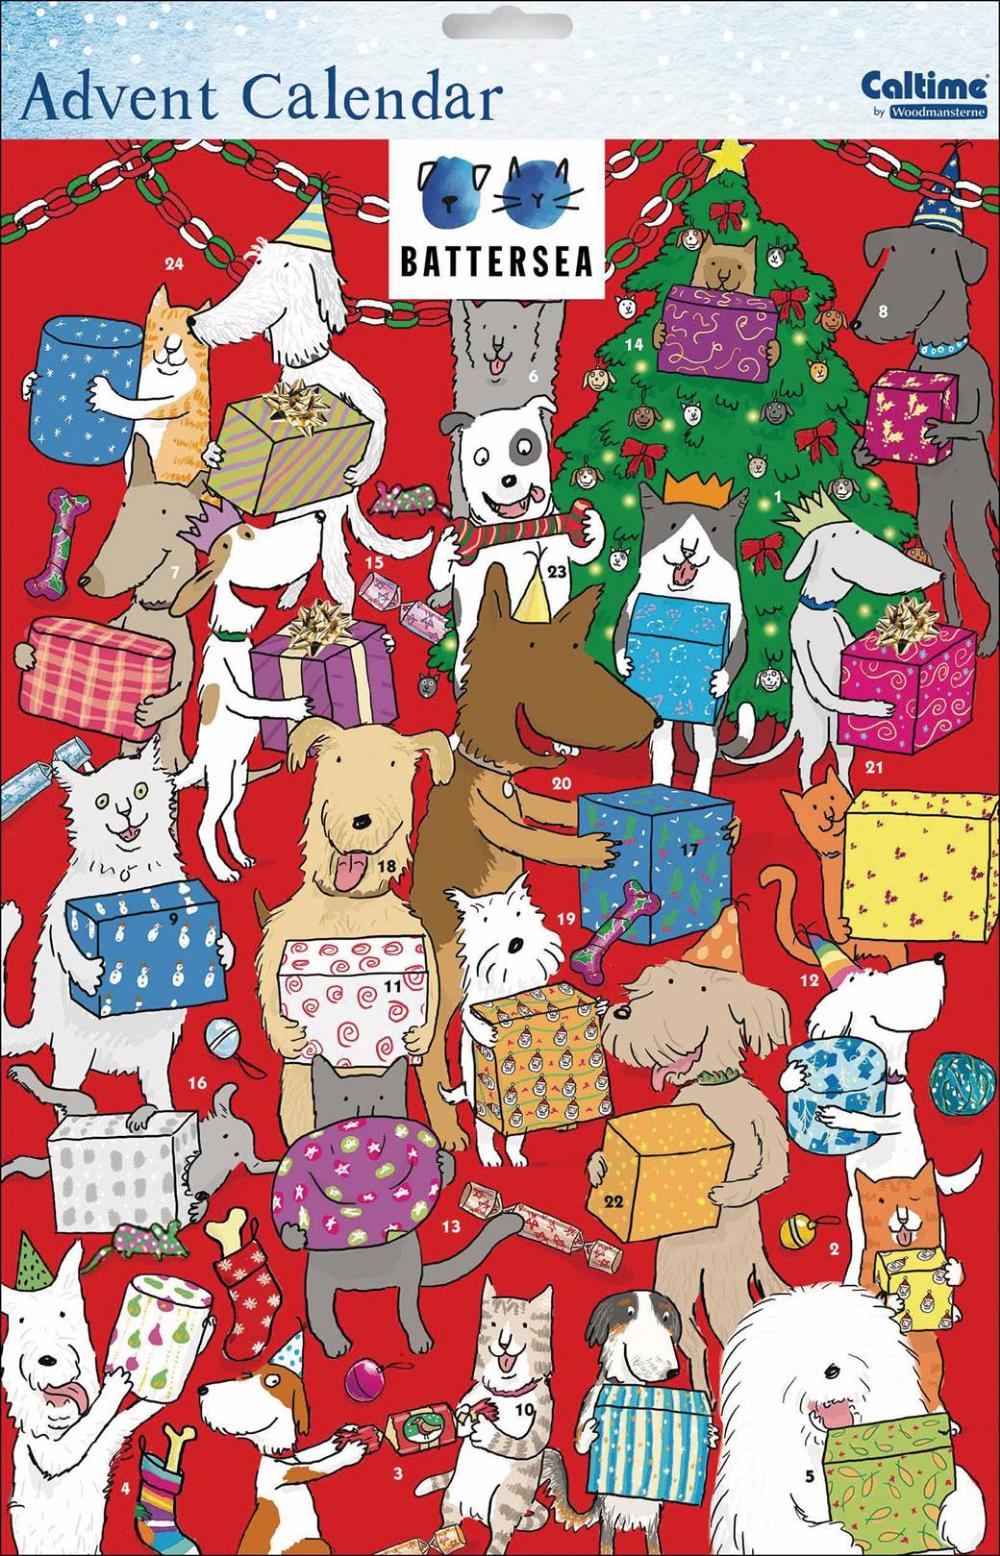 Battersea Dogs & Cats Presents A3 Advent Cat presents